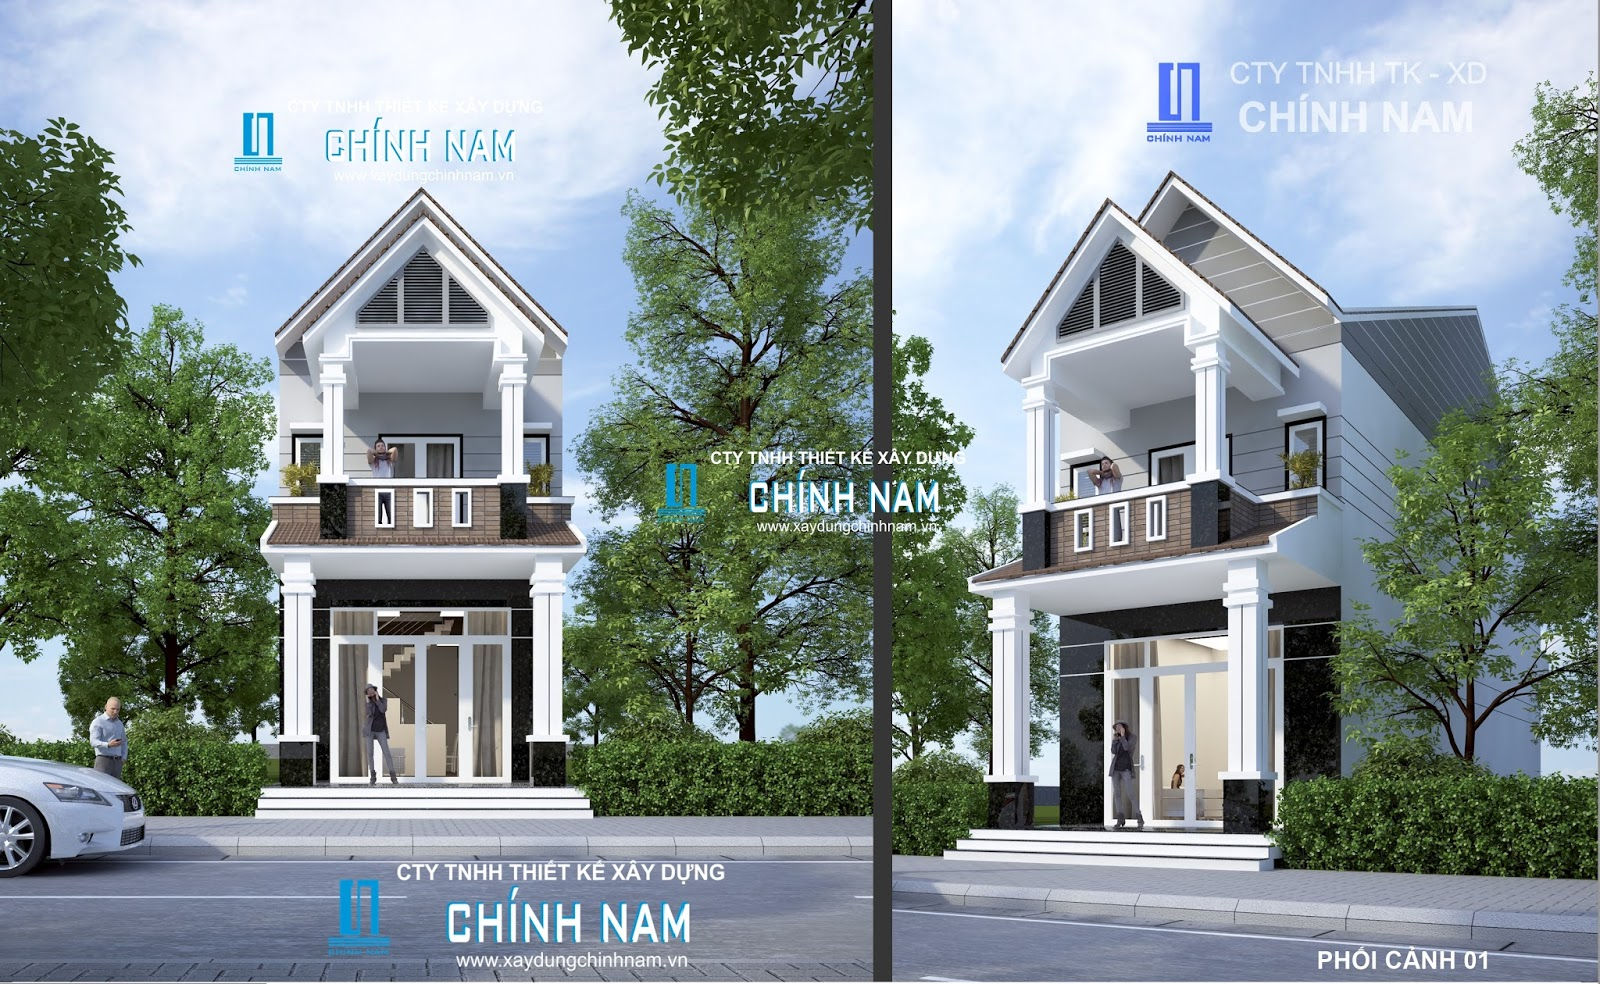 Thiệt kế nhà Ngô Thị Bích Nụ ở Biên Hoà